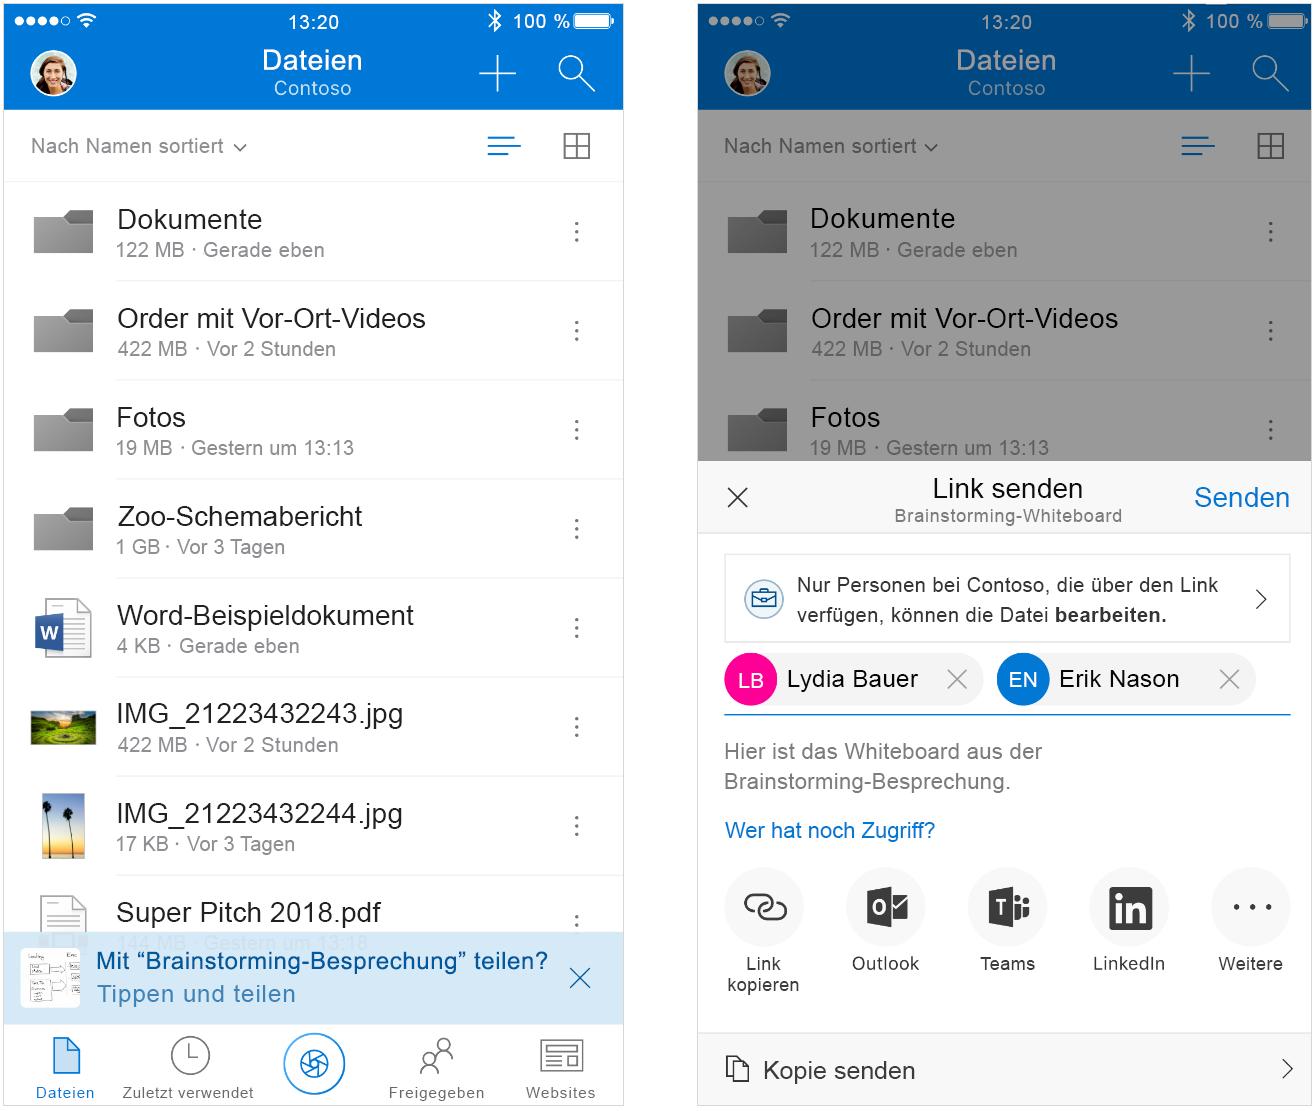 Zwei nebeneinander angezeigte Screenshots, die die intelligente Dateifreigabe in Outlook verdeutlichen